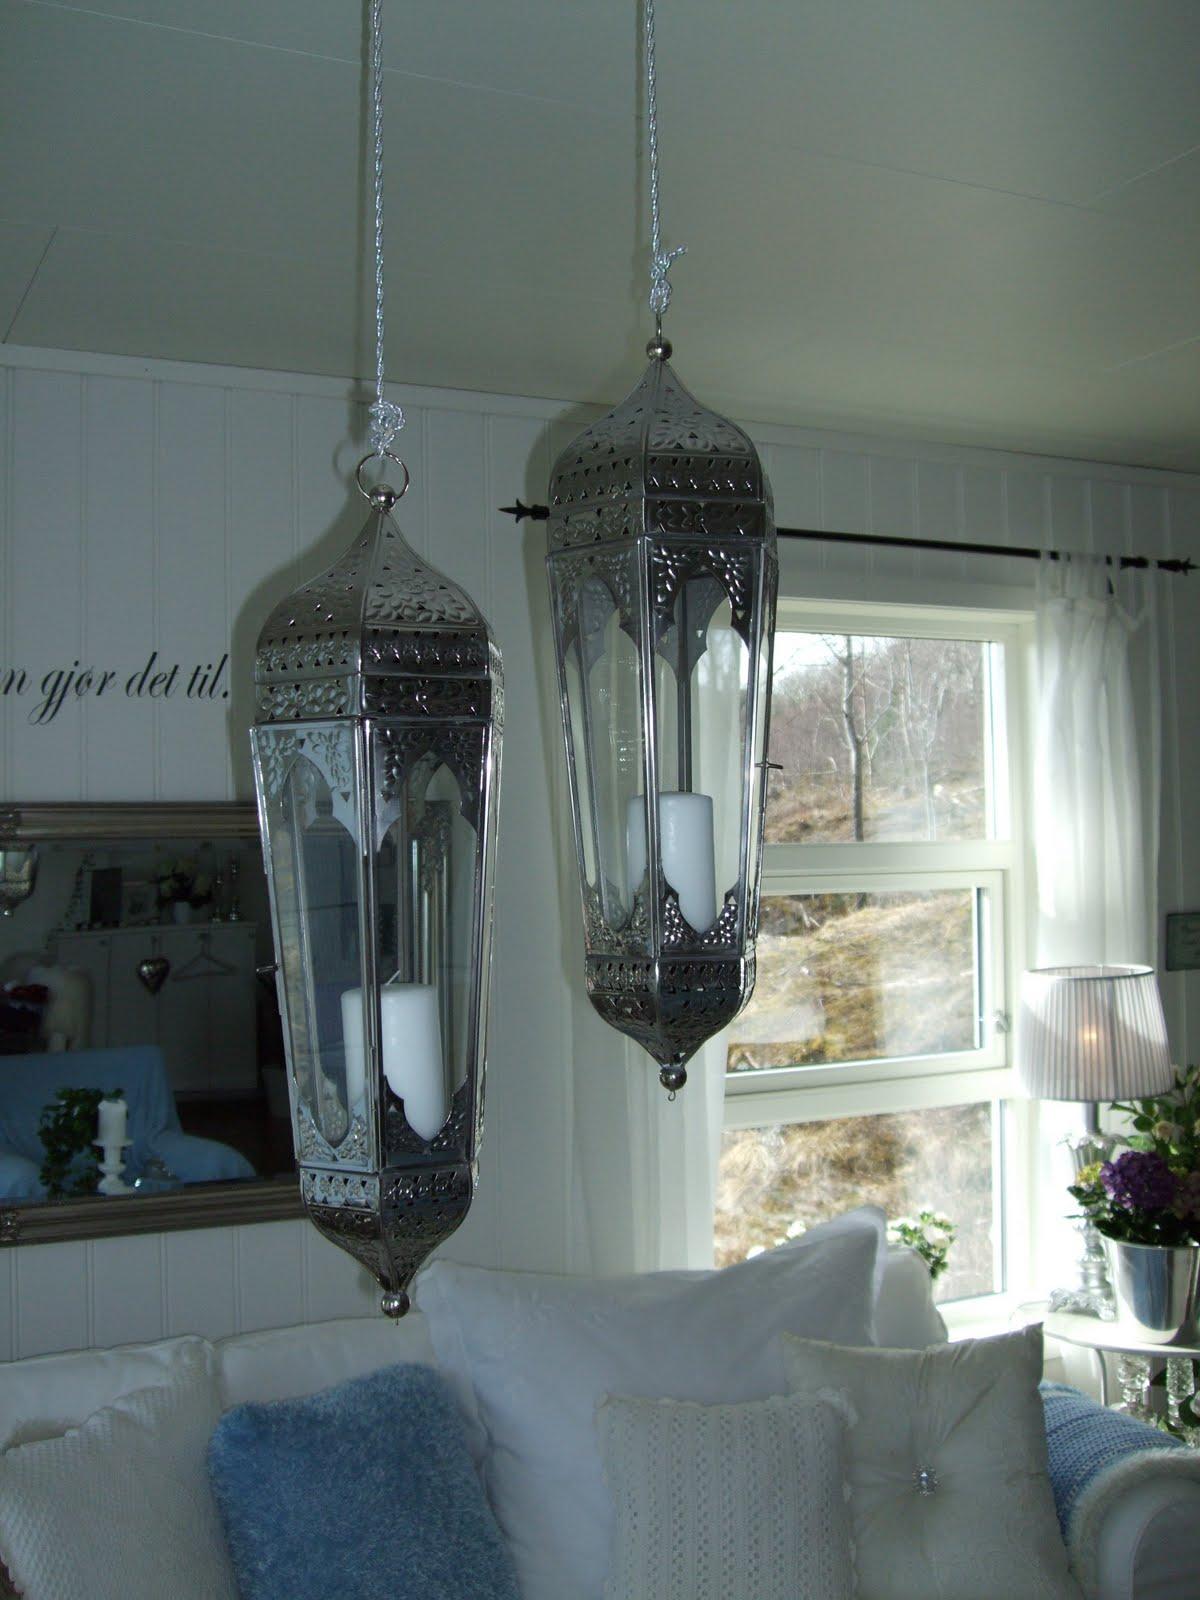 Nina Irens sitt hjem: Lamper